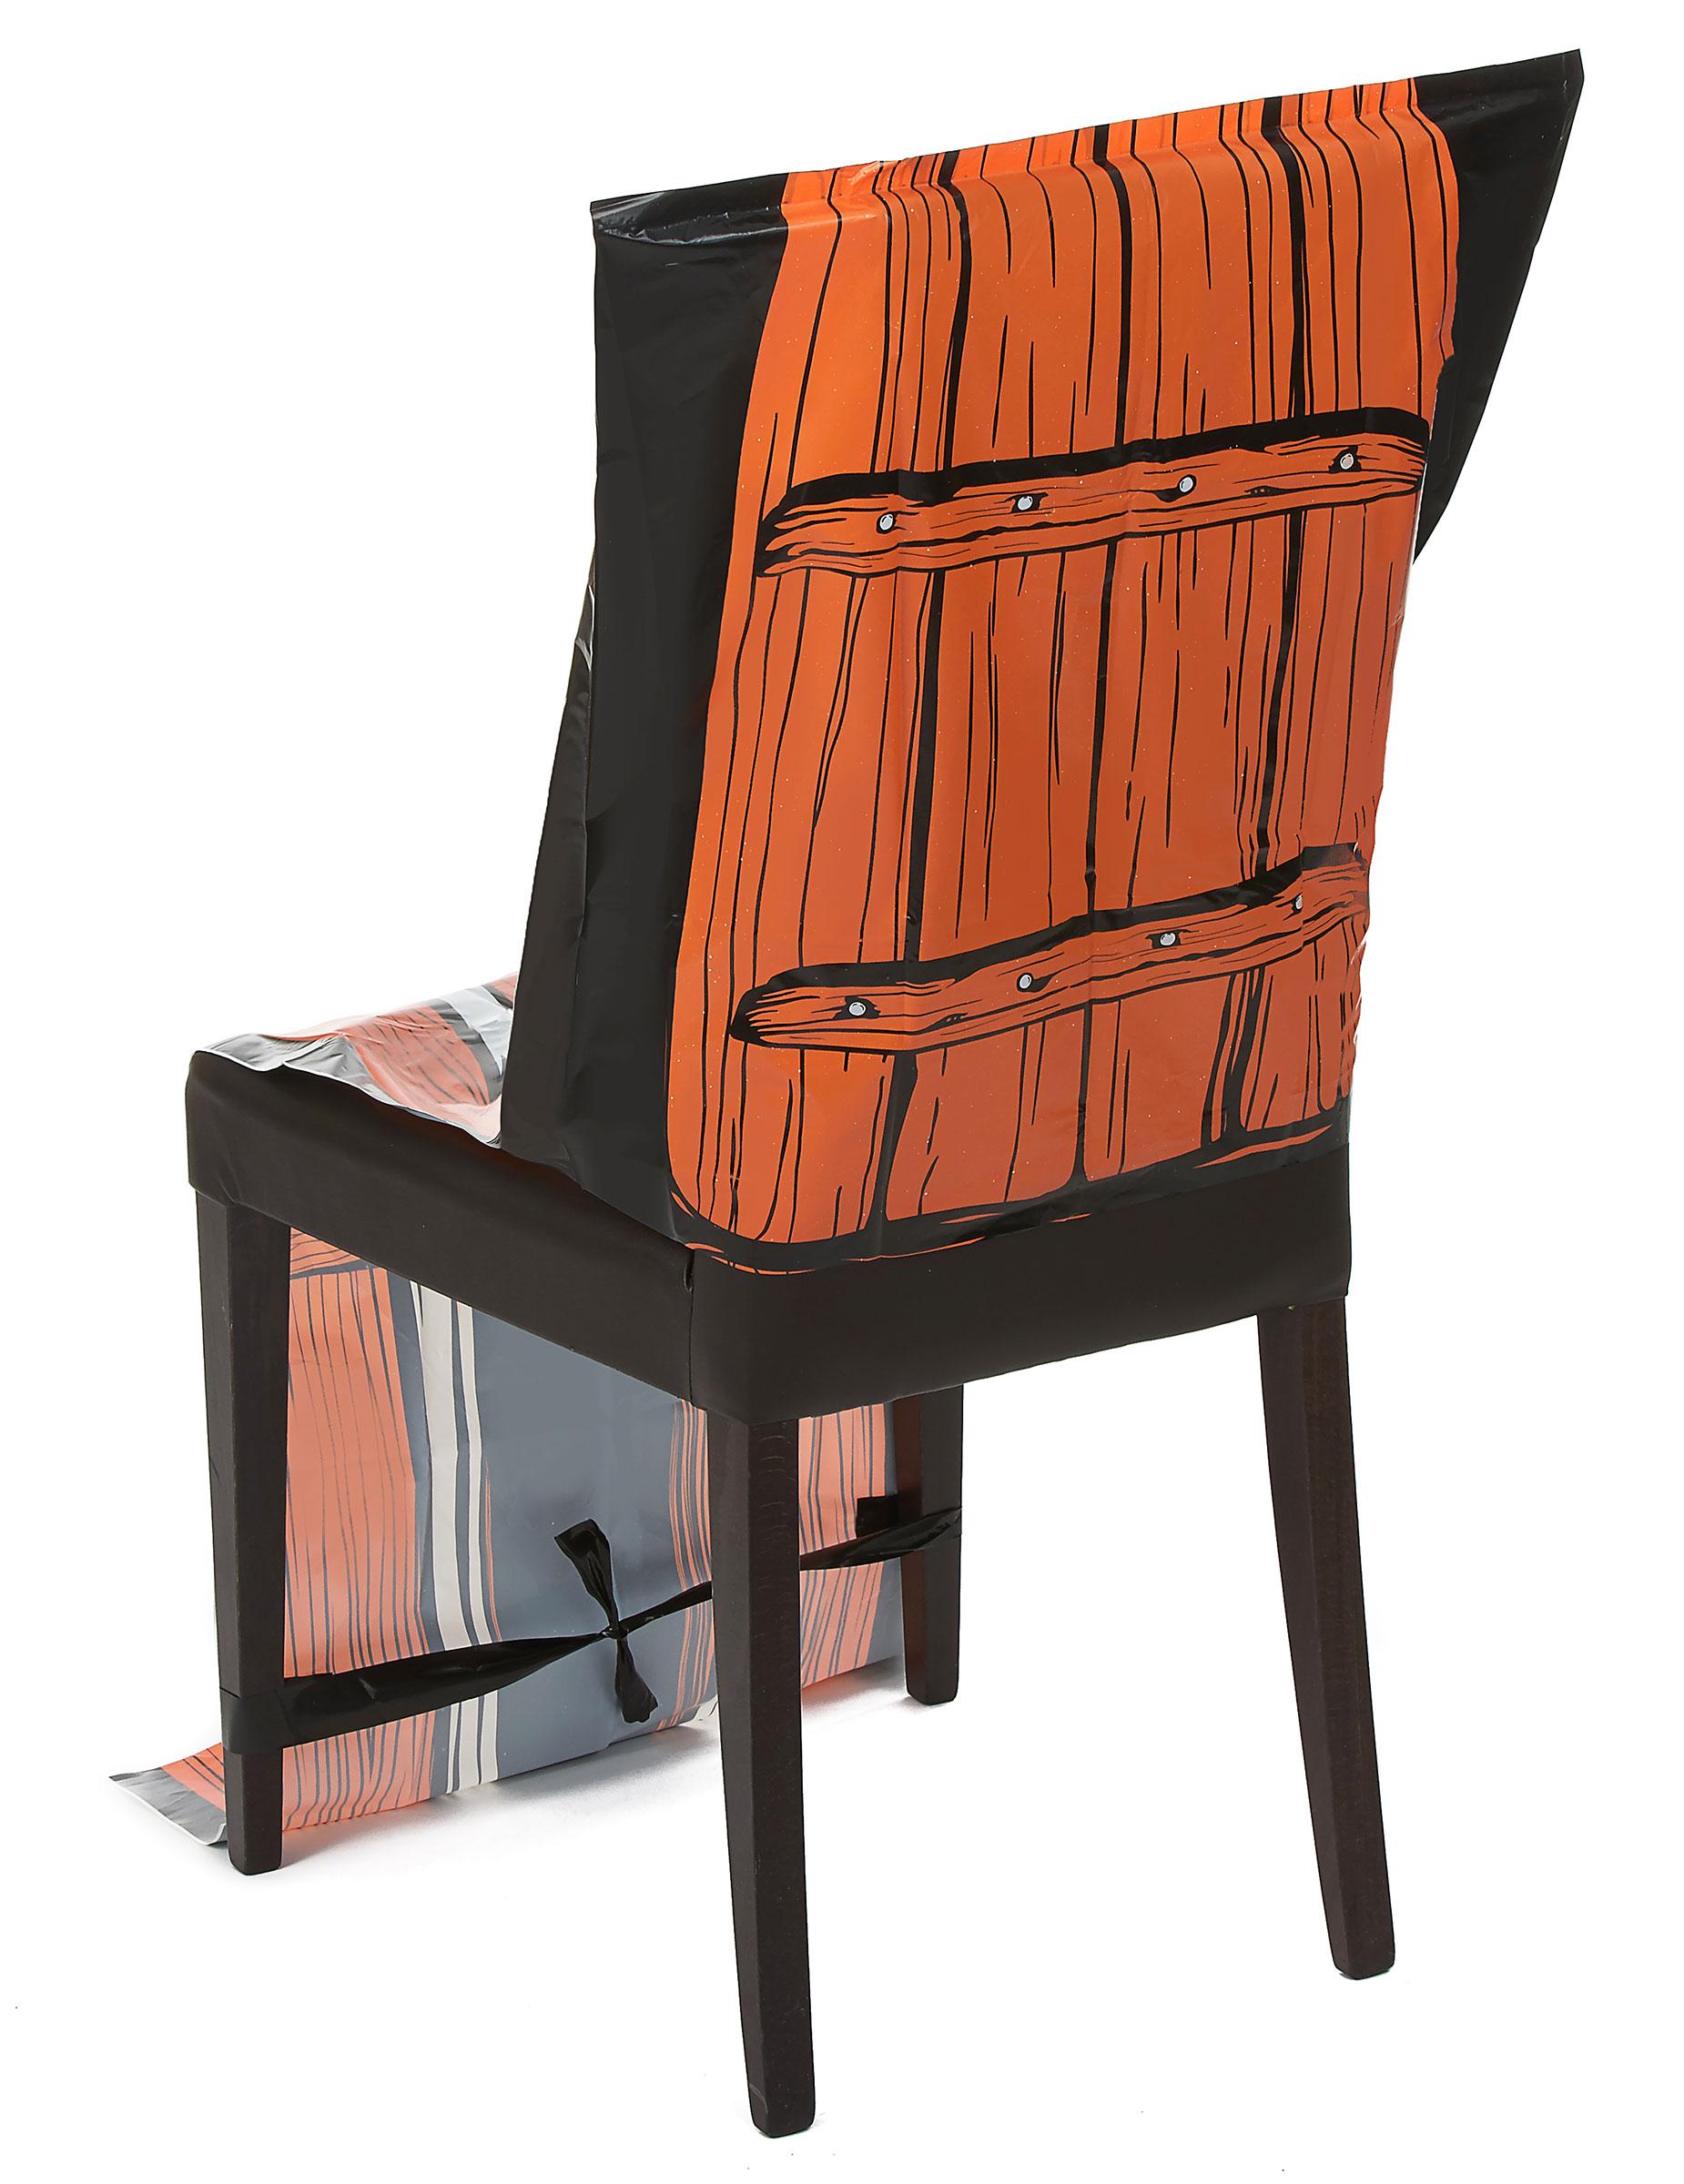 Housse chaise plastique squelette 45 x 140 cm halloween for Housse de chaise largeur 50 cm